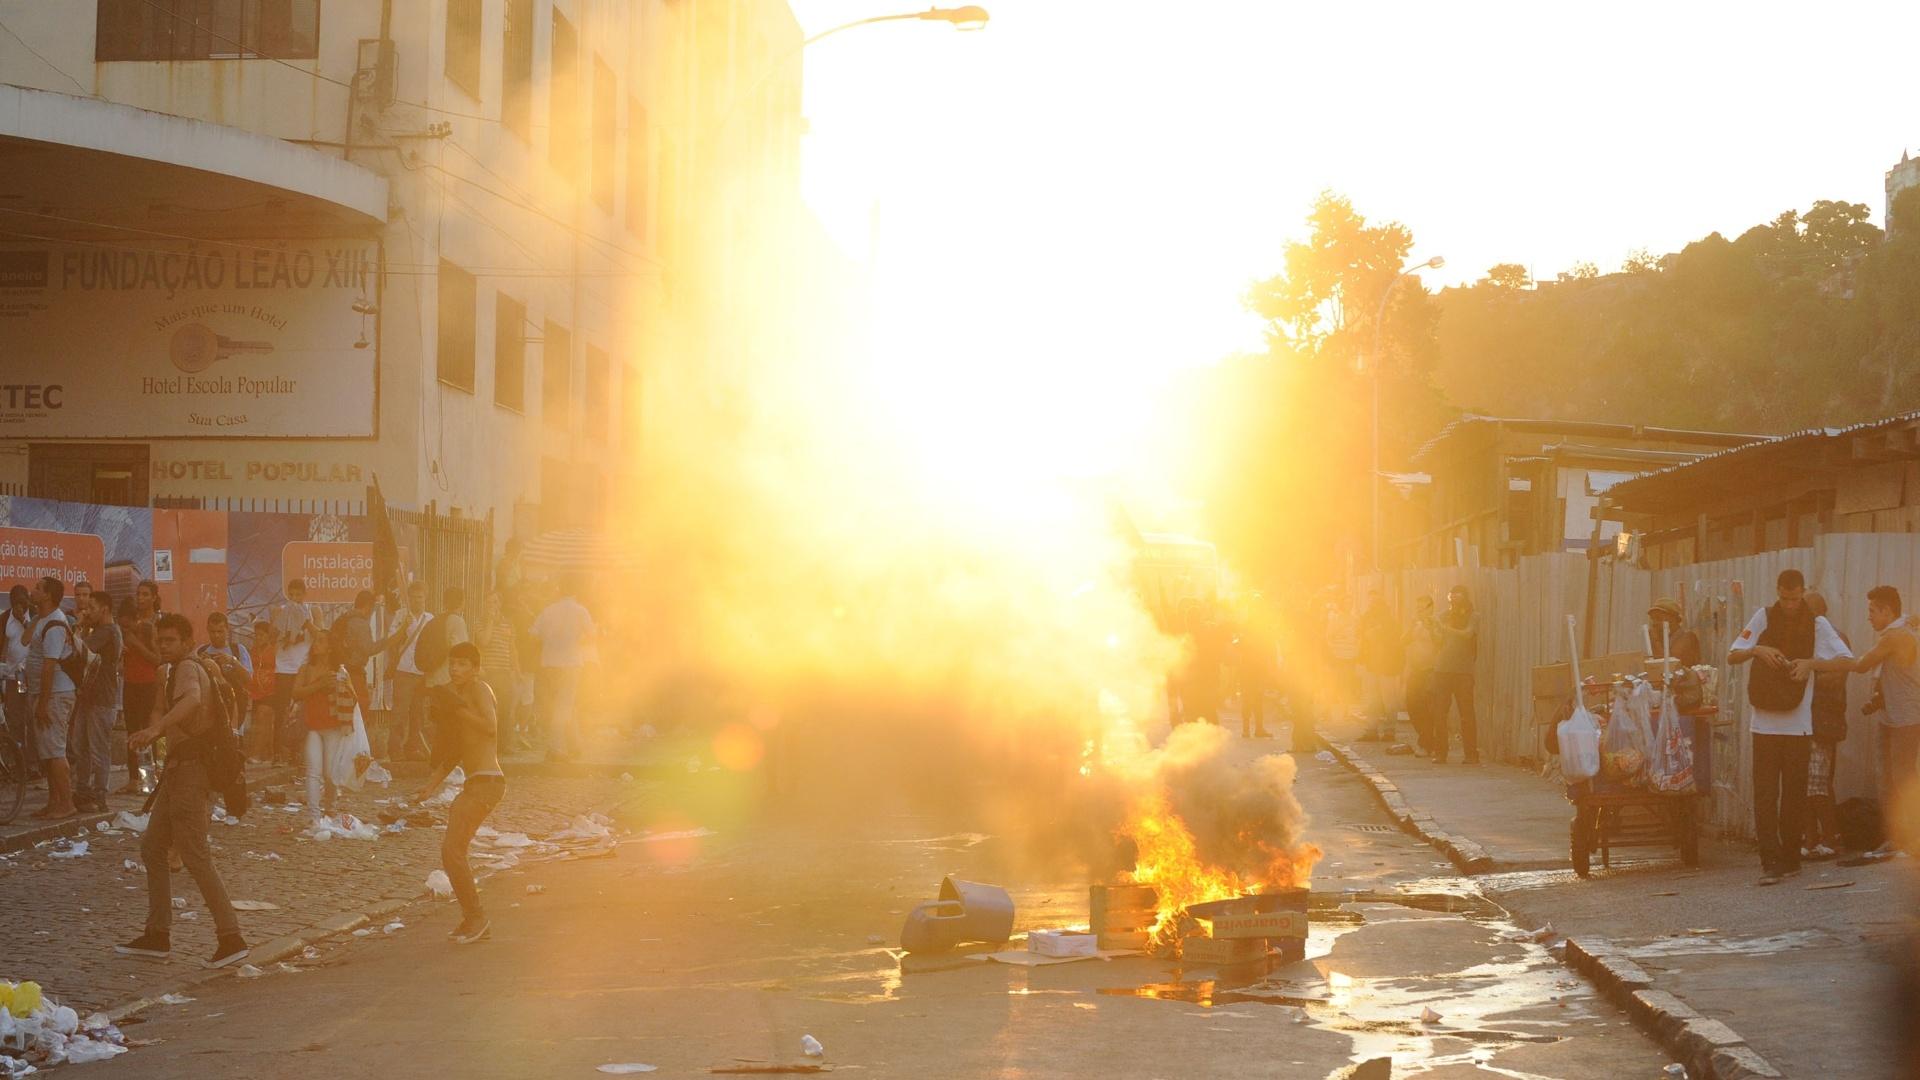 6.fev.2014 - Manifestantes queimam entulho em rua no centro do Rio de Janeiro durante protesto contra aumento da tarifa de ônibus